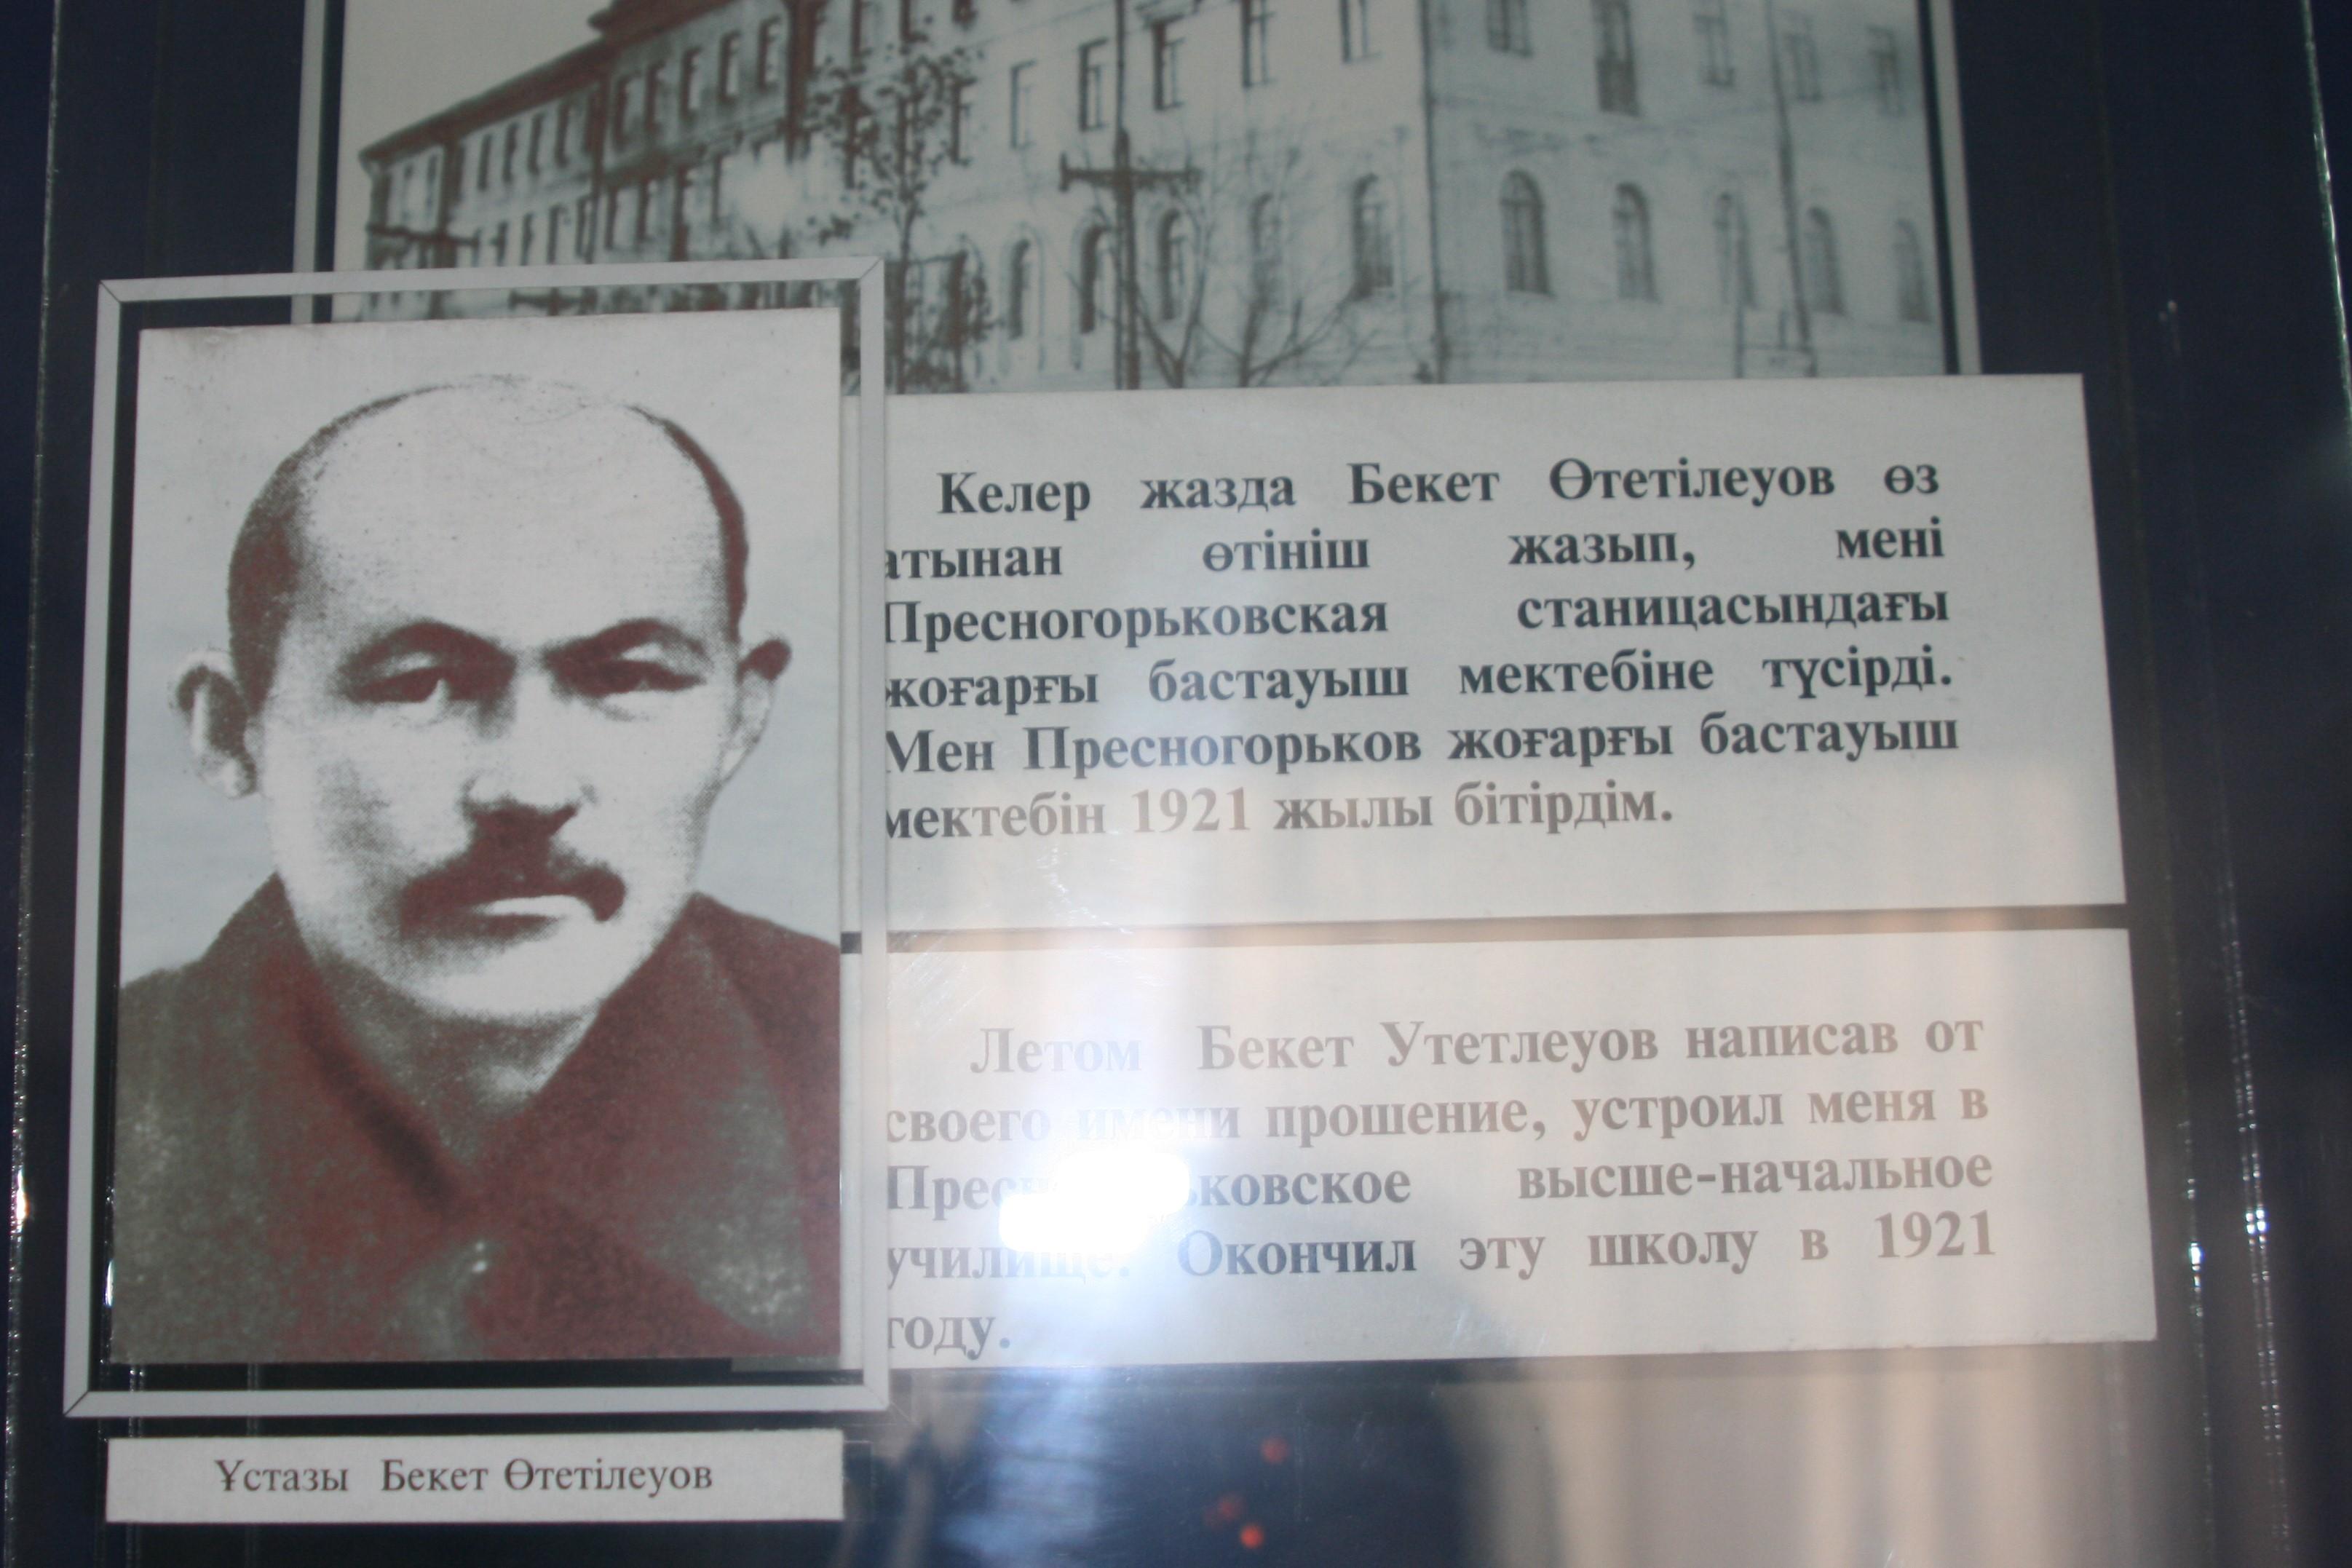 Saken Seifullin: photo, biography Saken Seifullin in Russian